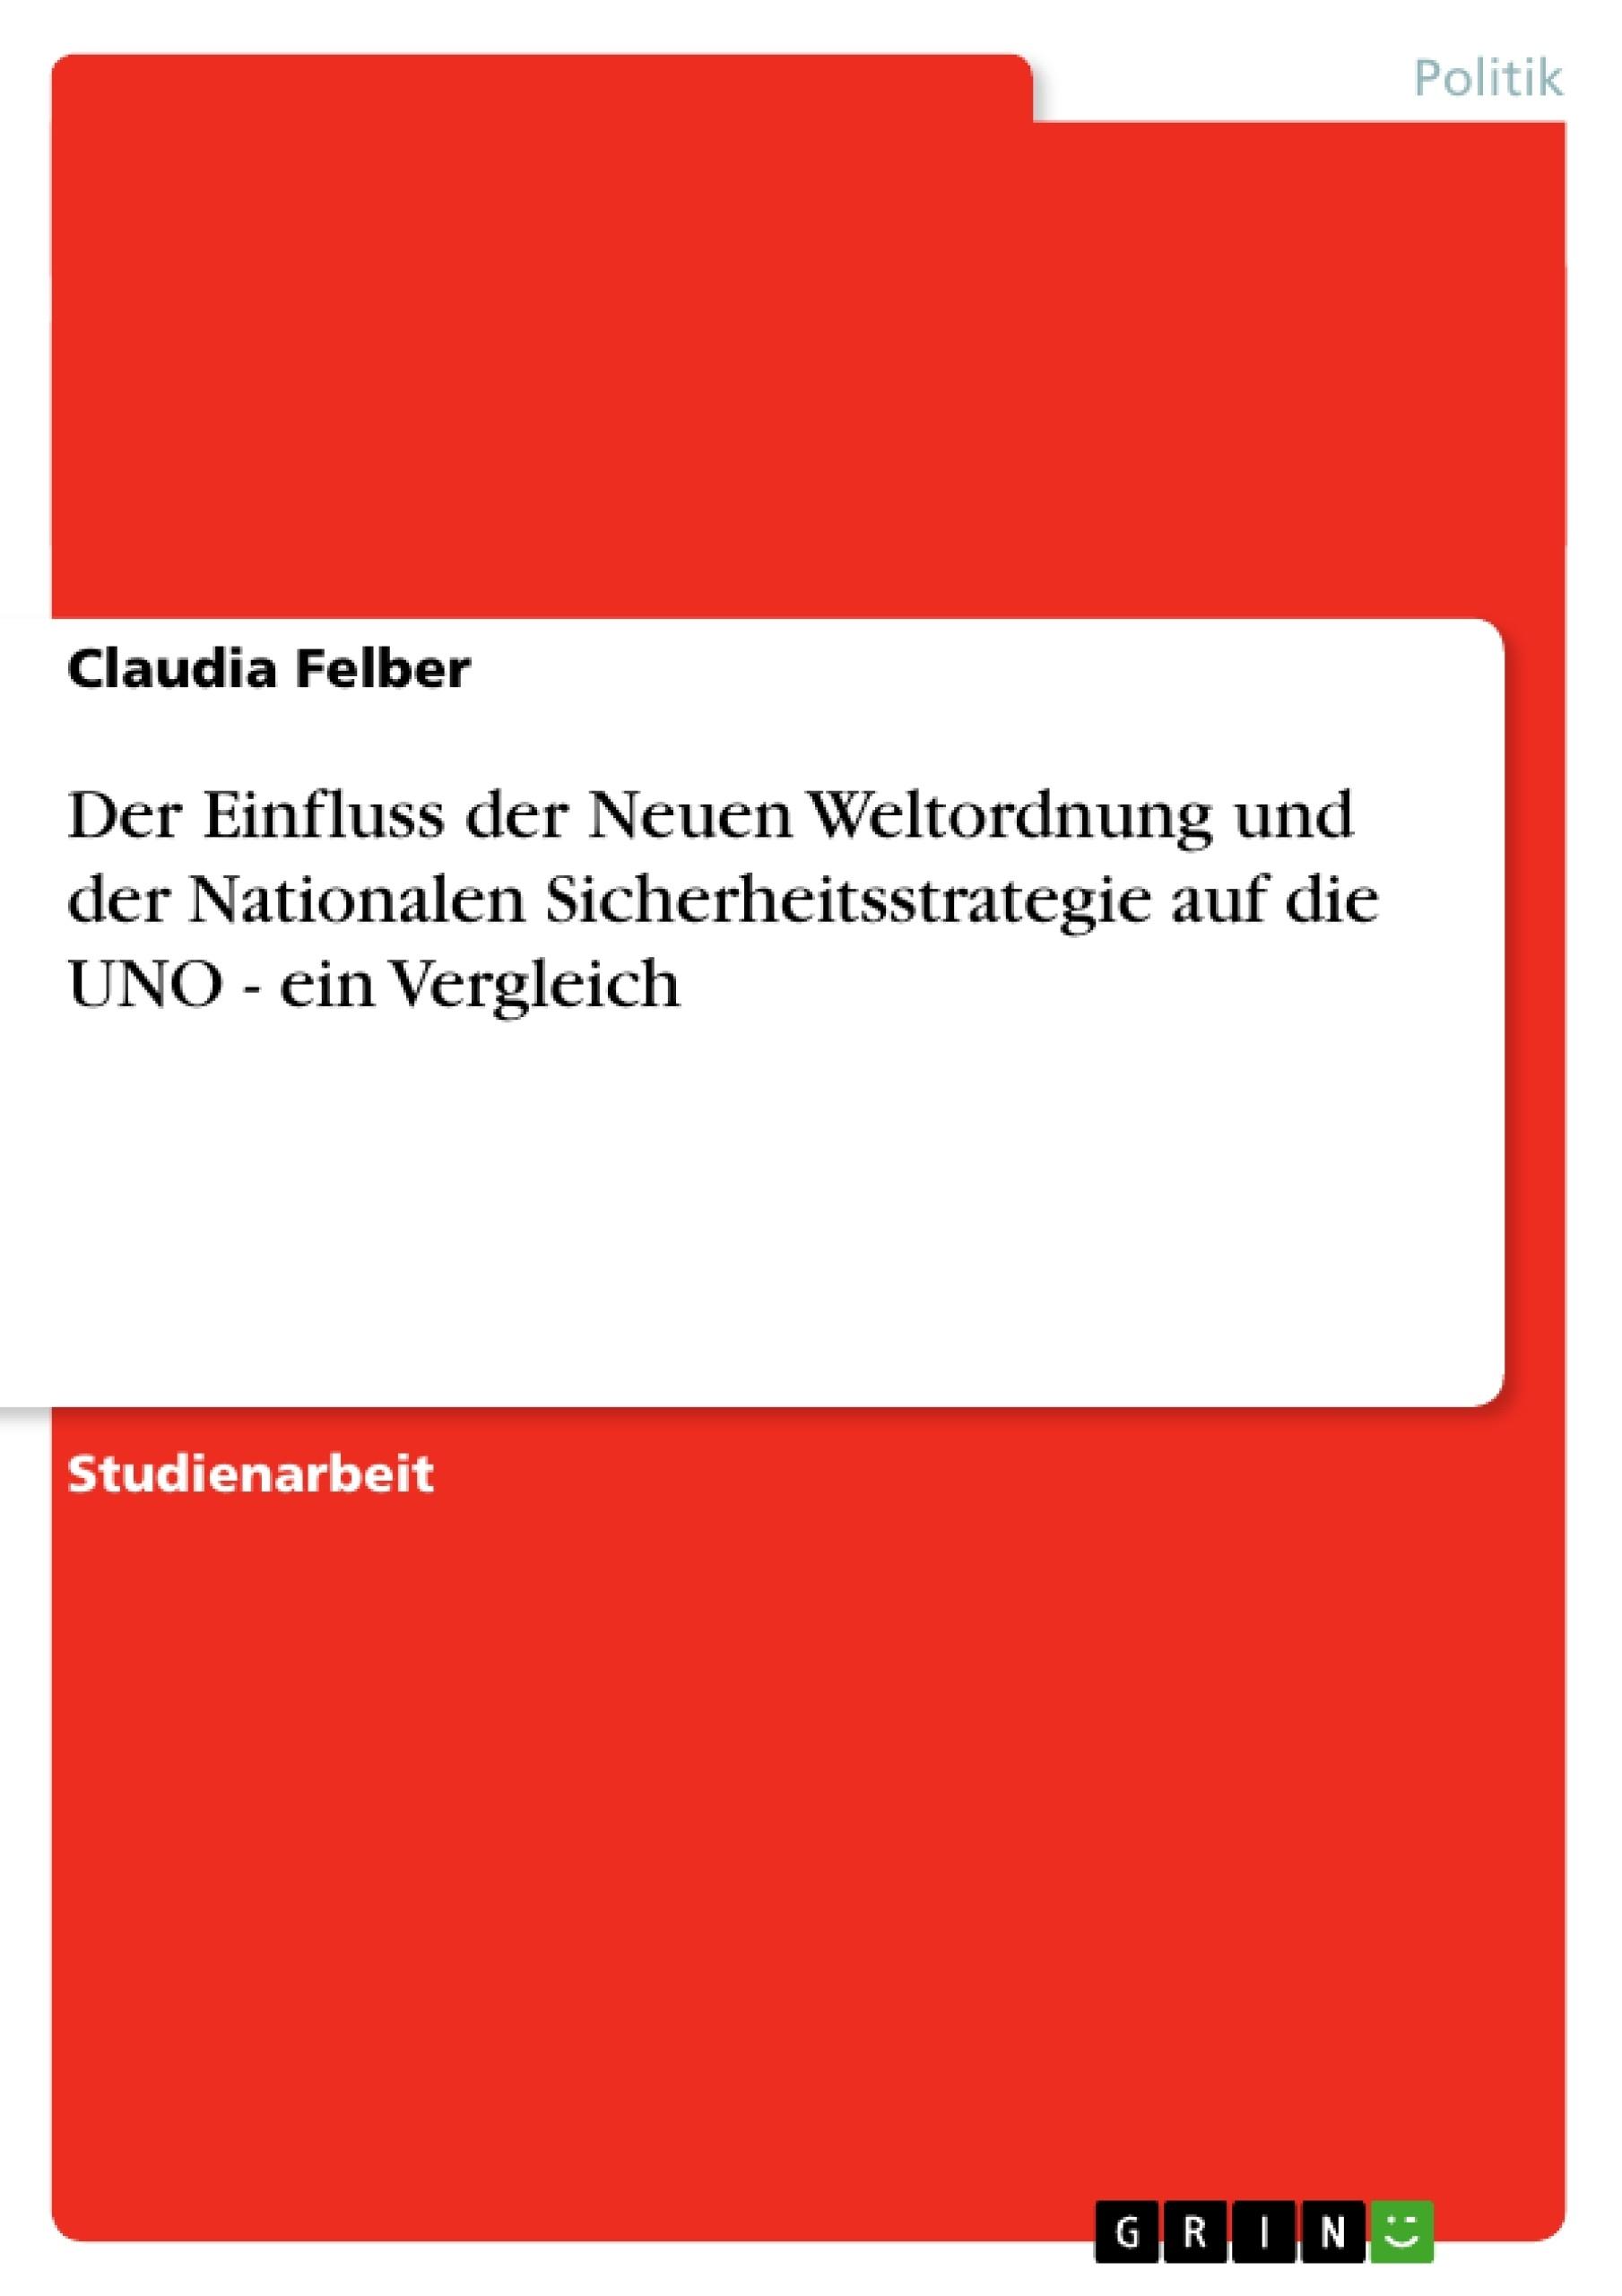 Titel: Der Einfluss der Neuen Weltordnung und der Nationalen Sicherheitsstrategie auf die UNO - ein Vergleich